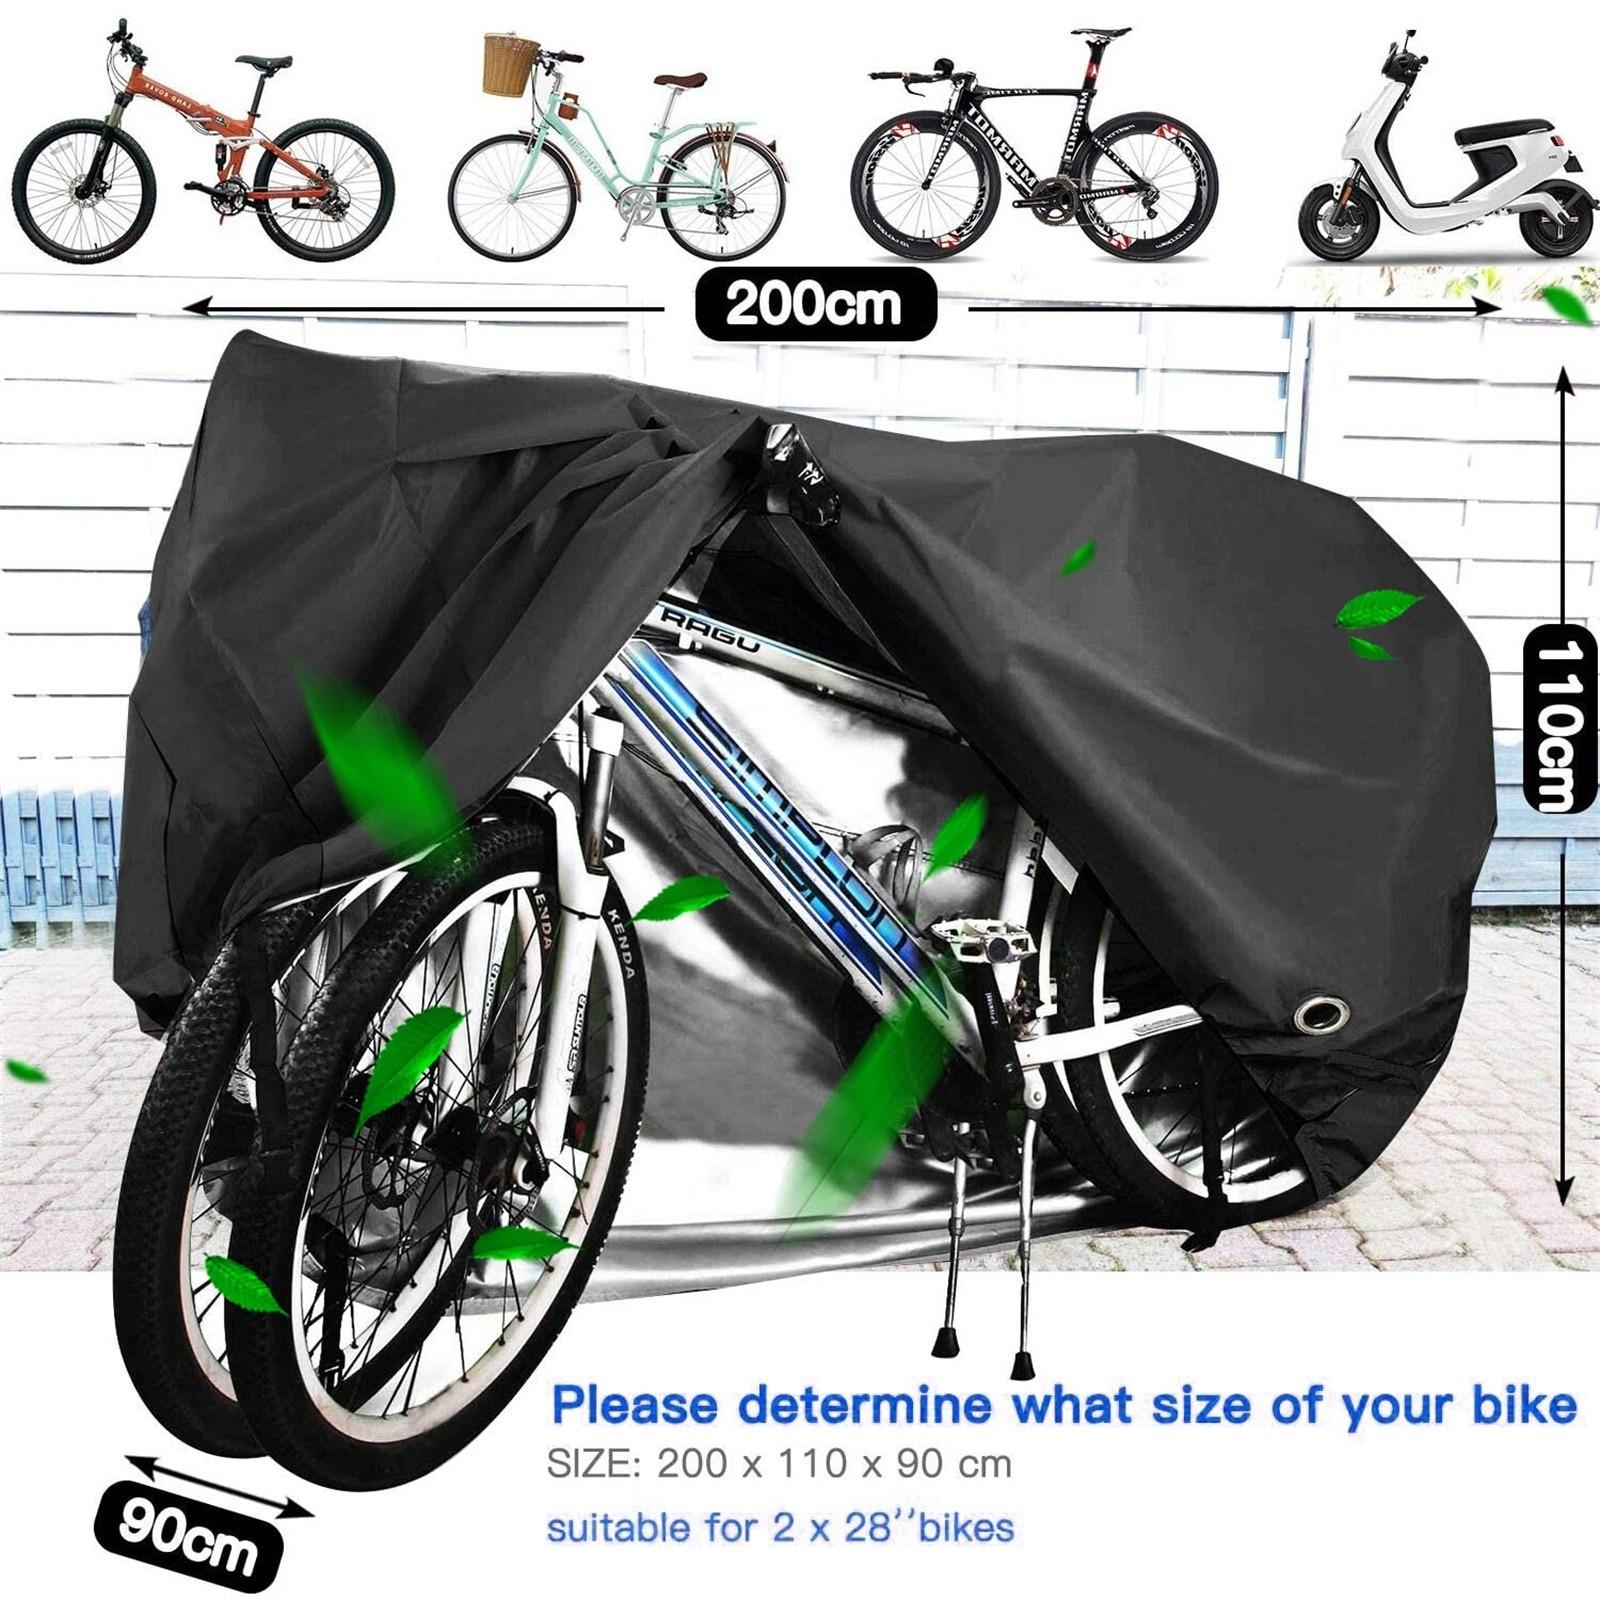 C # Защитное снаряжение для велосипеда, водонепроницаемый Велосипедный Чехол, наружный солнцезащитный Пыленепроницаемый Чехол для солнечн...